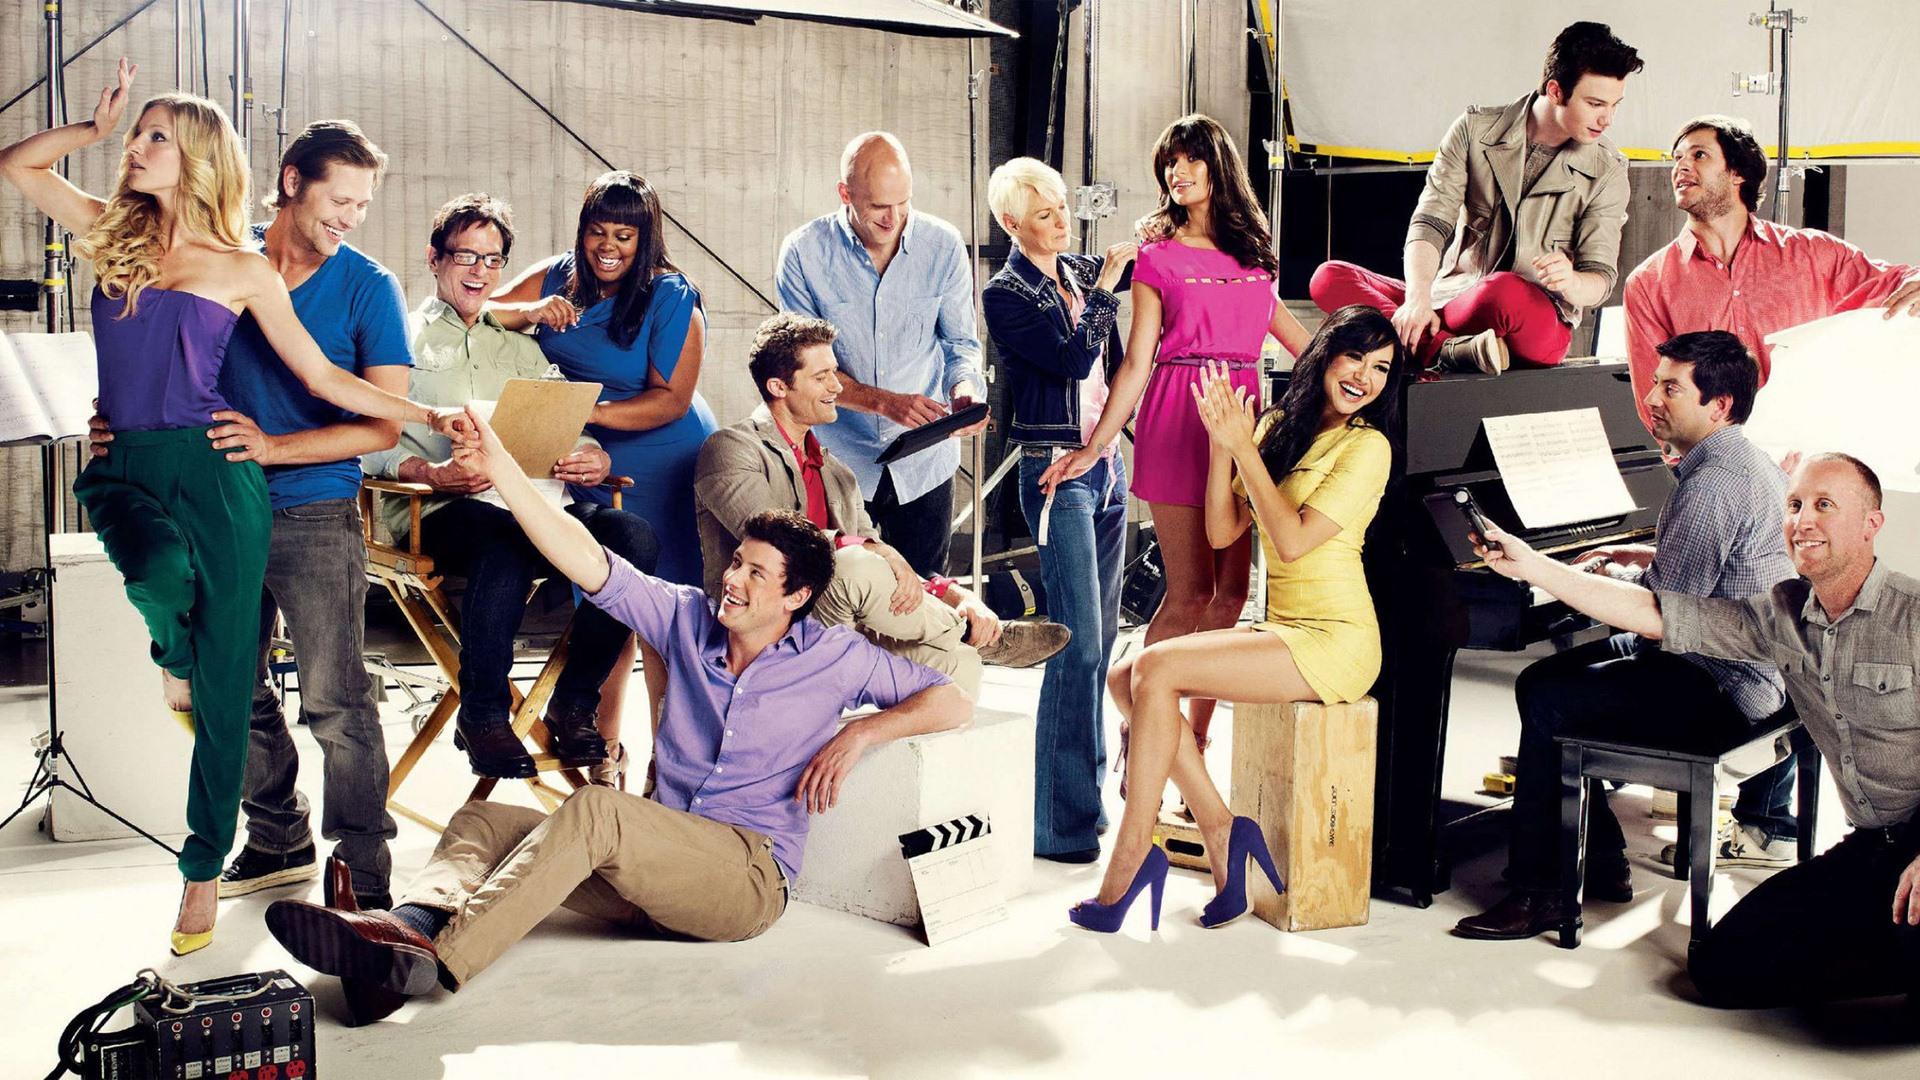 Glee S Ries Tv Hd Fonds D 39 Cran 9 1920x1080 Fond D